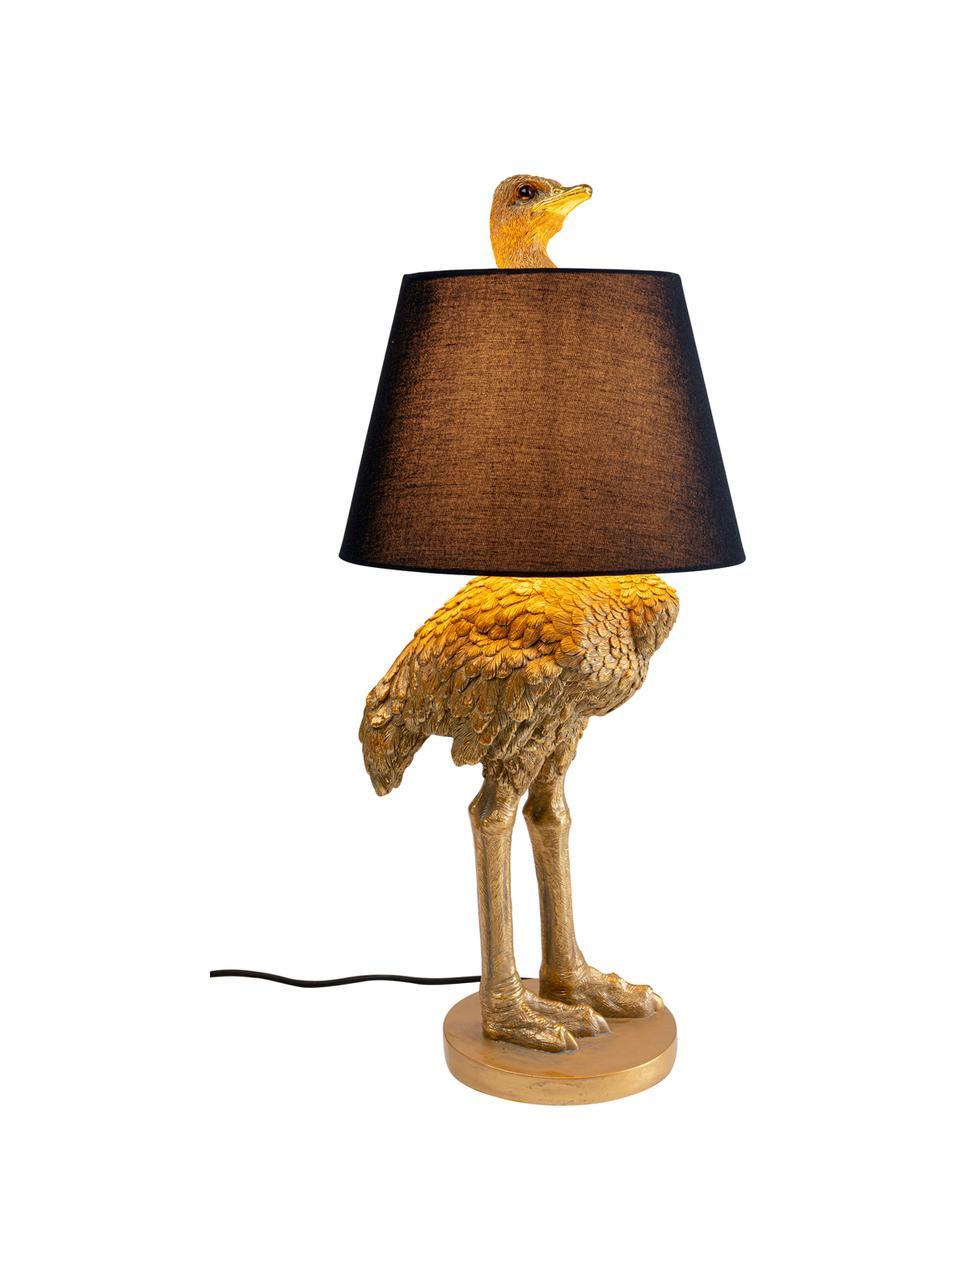 Velká ručně vyrobená stolní lampa Ostrich, Mosazná